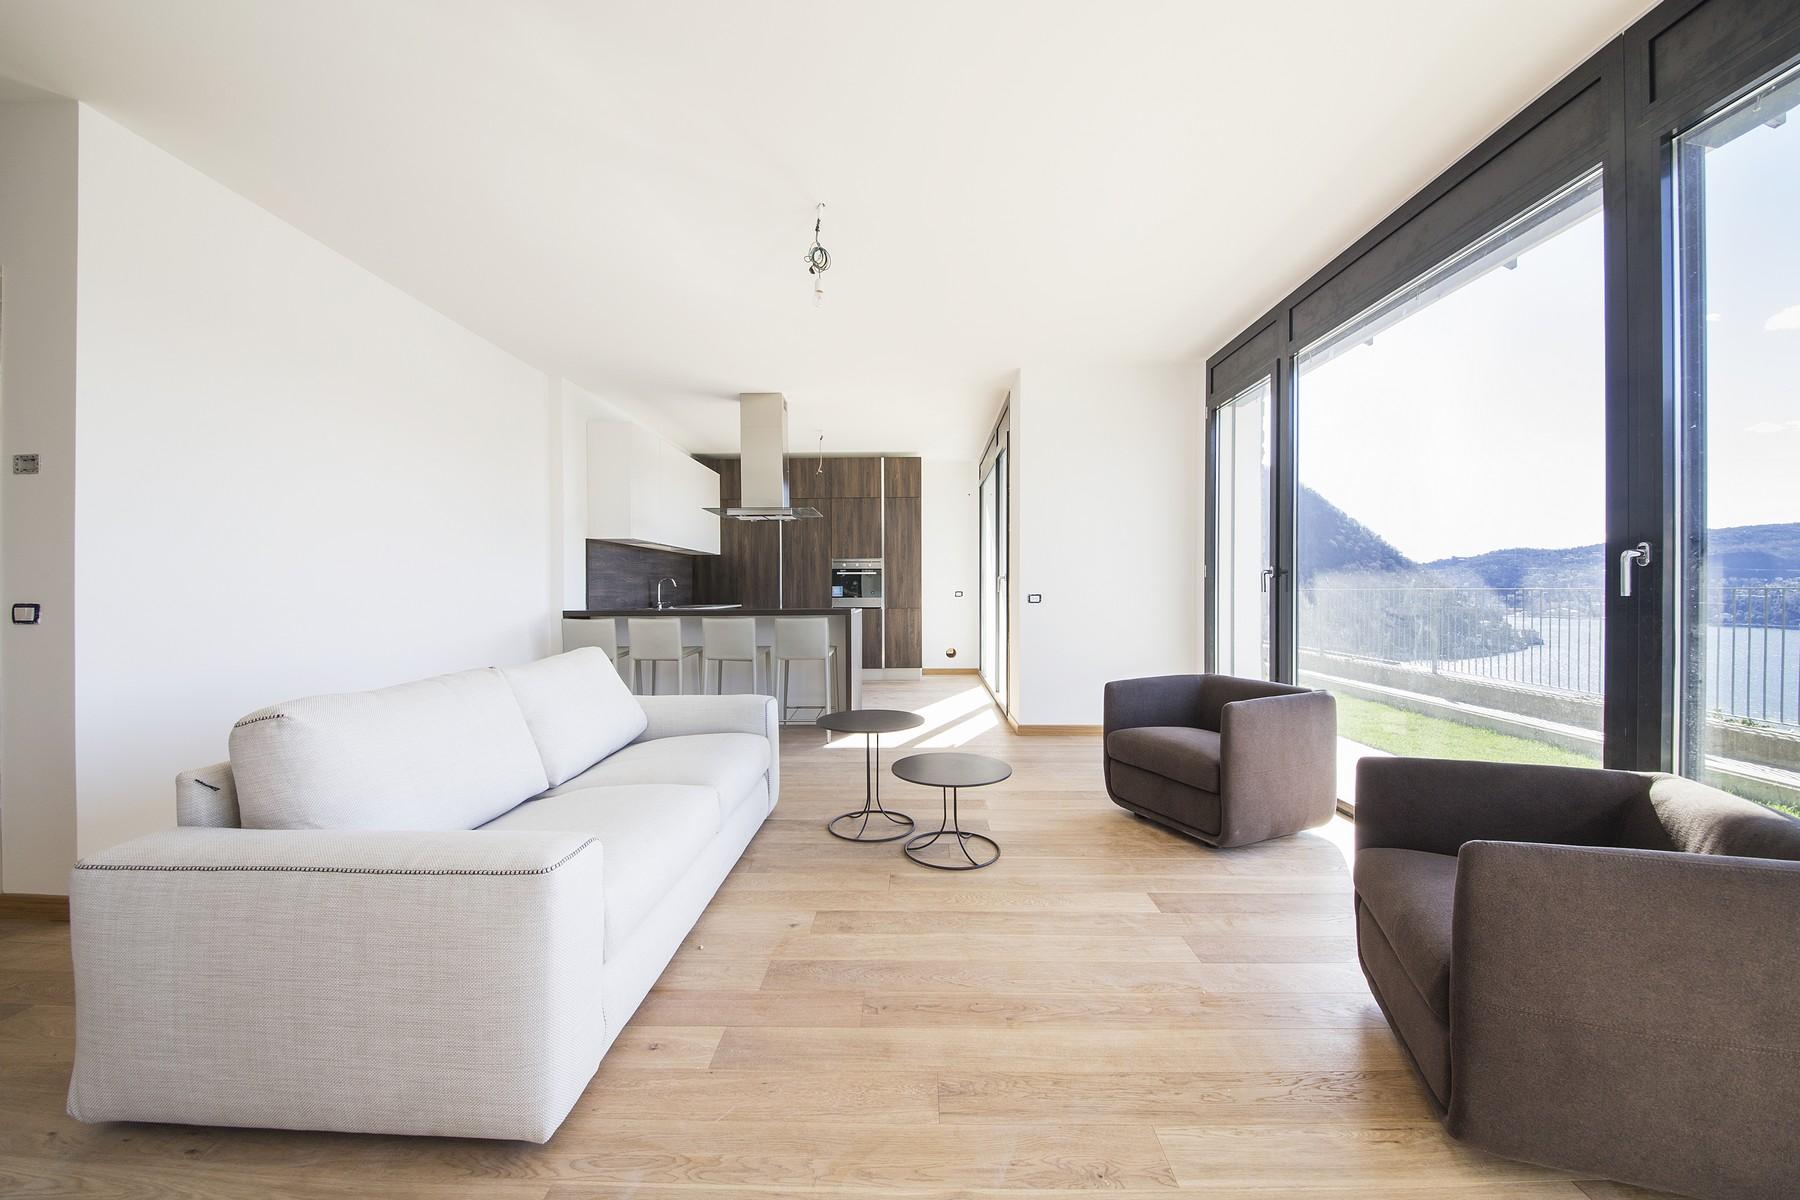 Appartamento in Vendita a Blevio: 4 locali, 190 mq - Foto 3